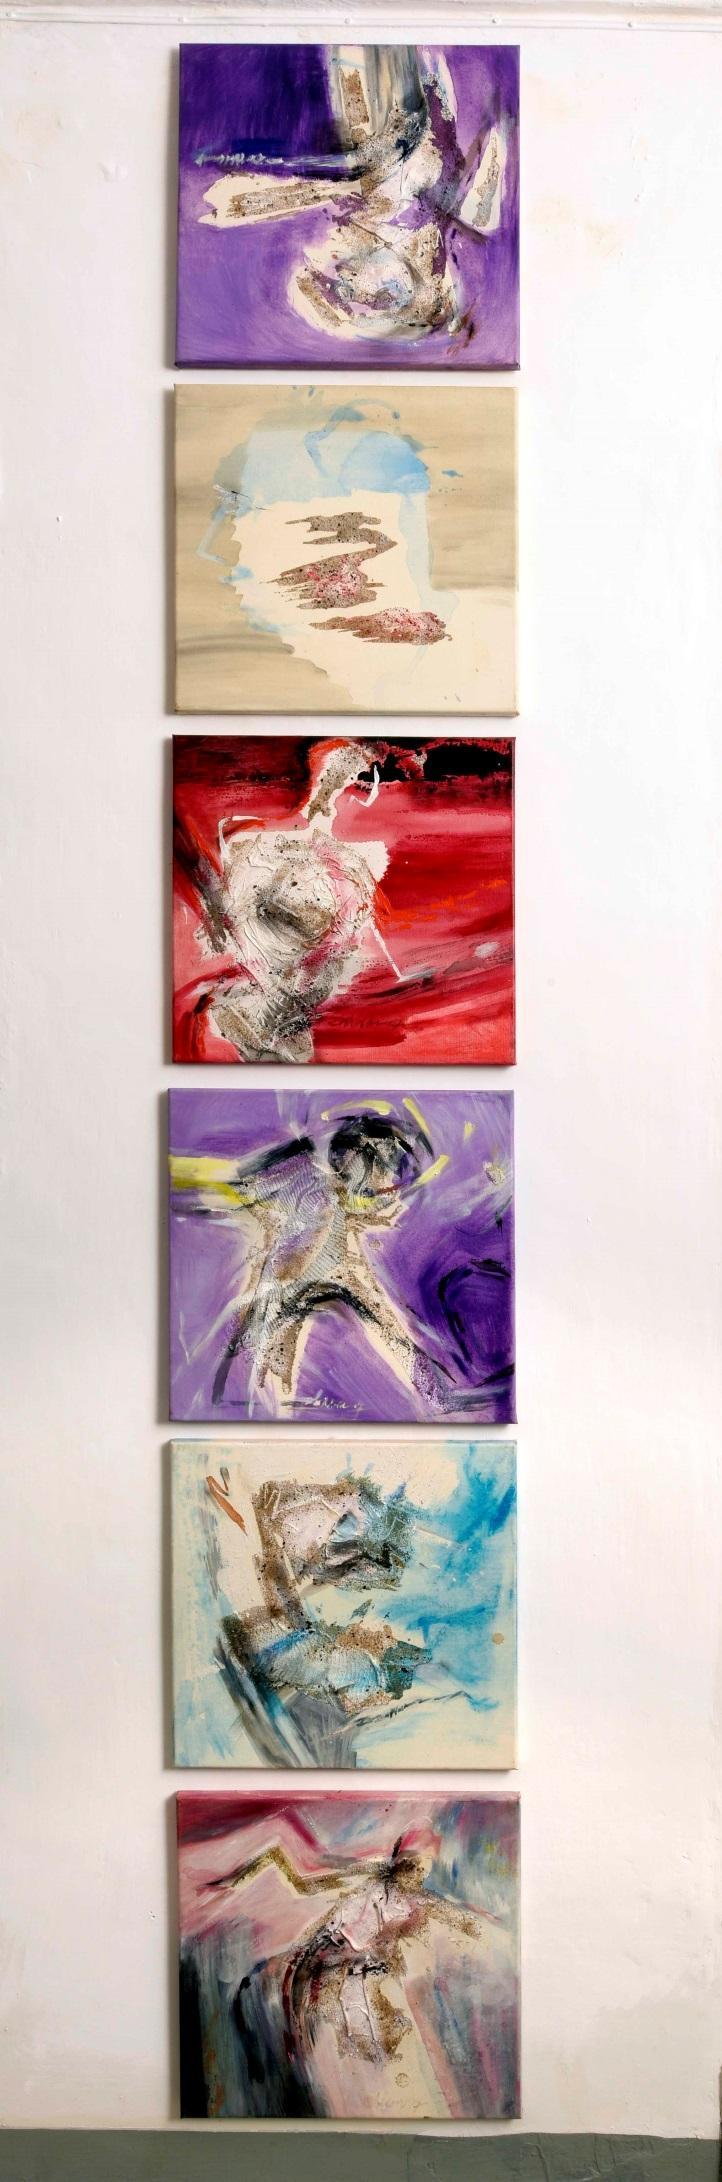 Dagmar Dost Nolden, Art in Love, 2013